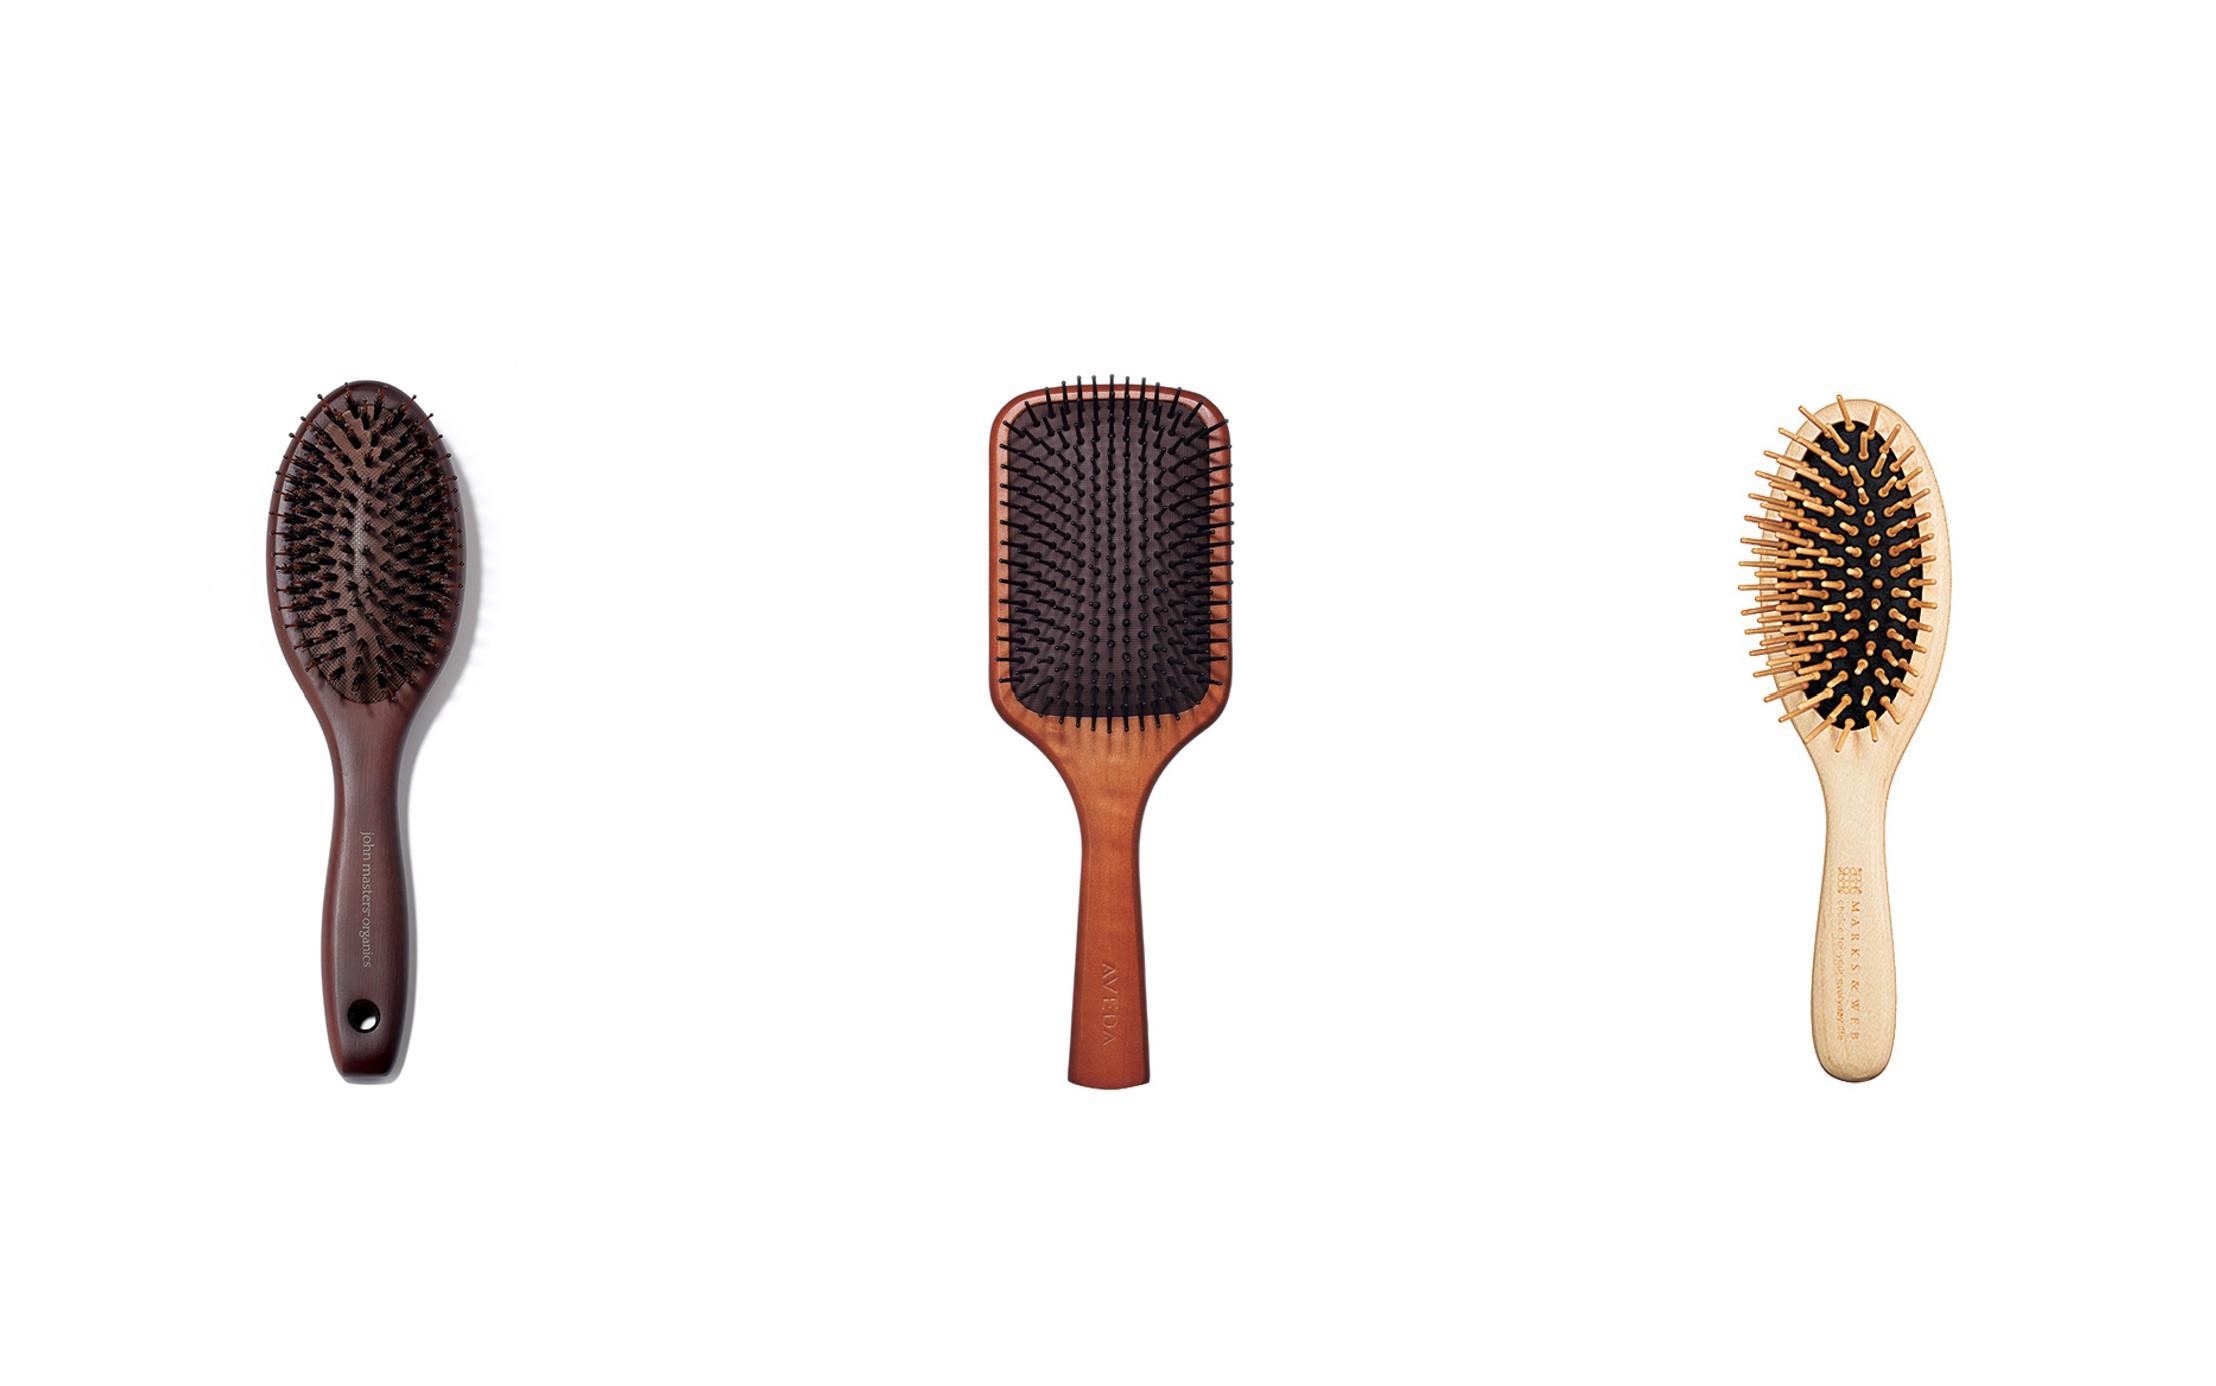 ヘアブラシ 奇跡 の 美容師が教えるヘアブラシおすすめ11選|ツヤ髪を叶える人気ランキング